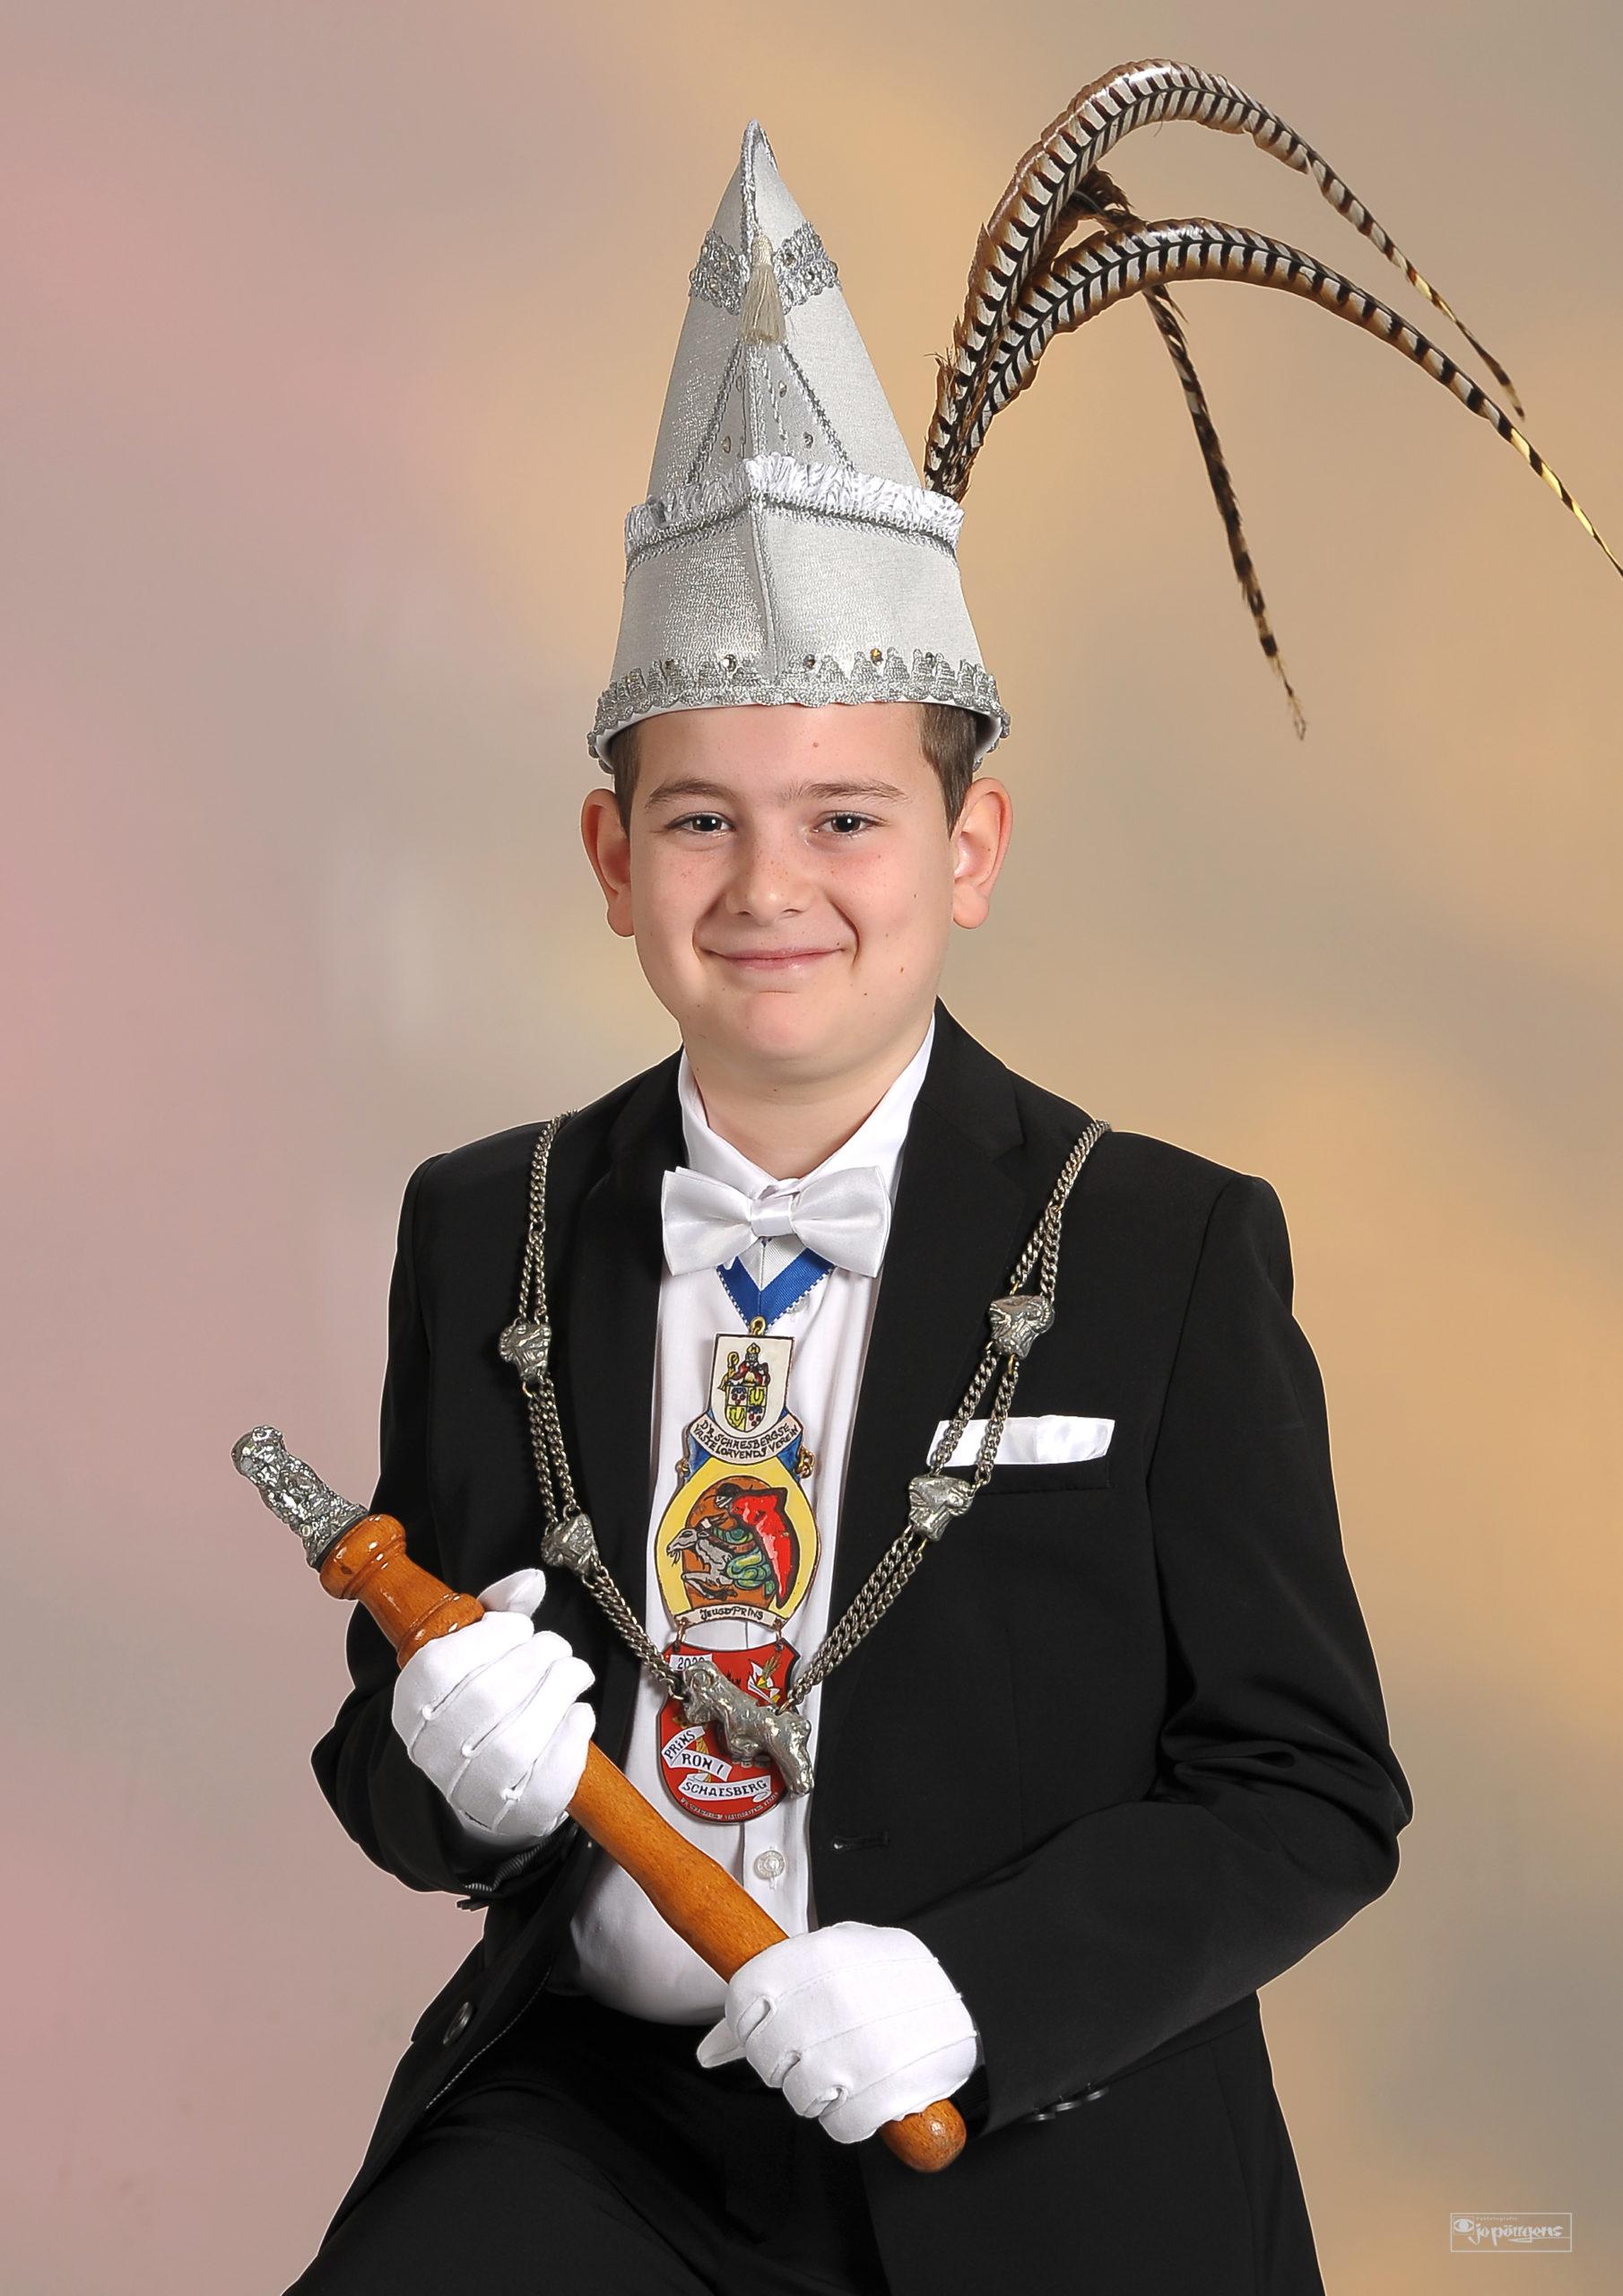 Jeugdprins Jorunn I (2020)